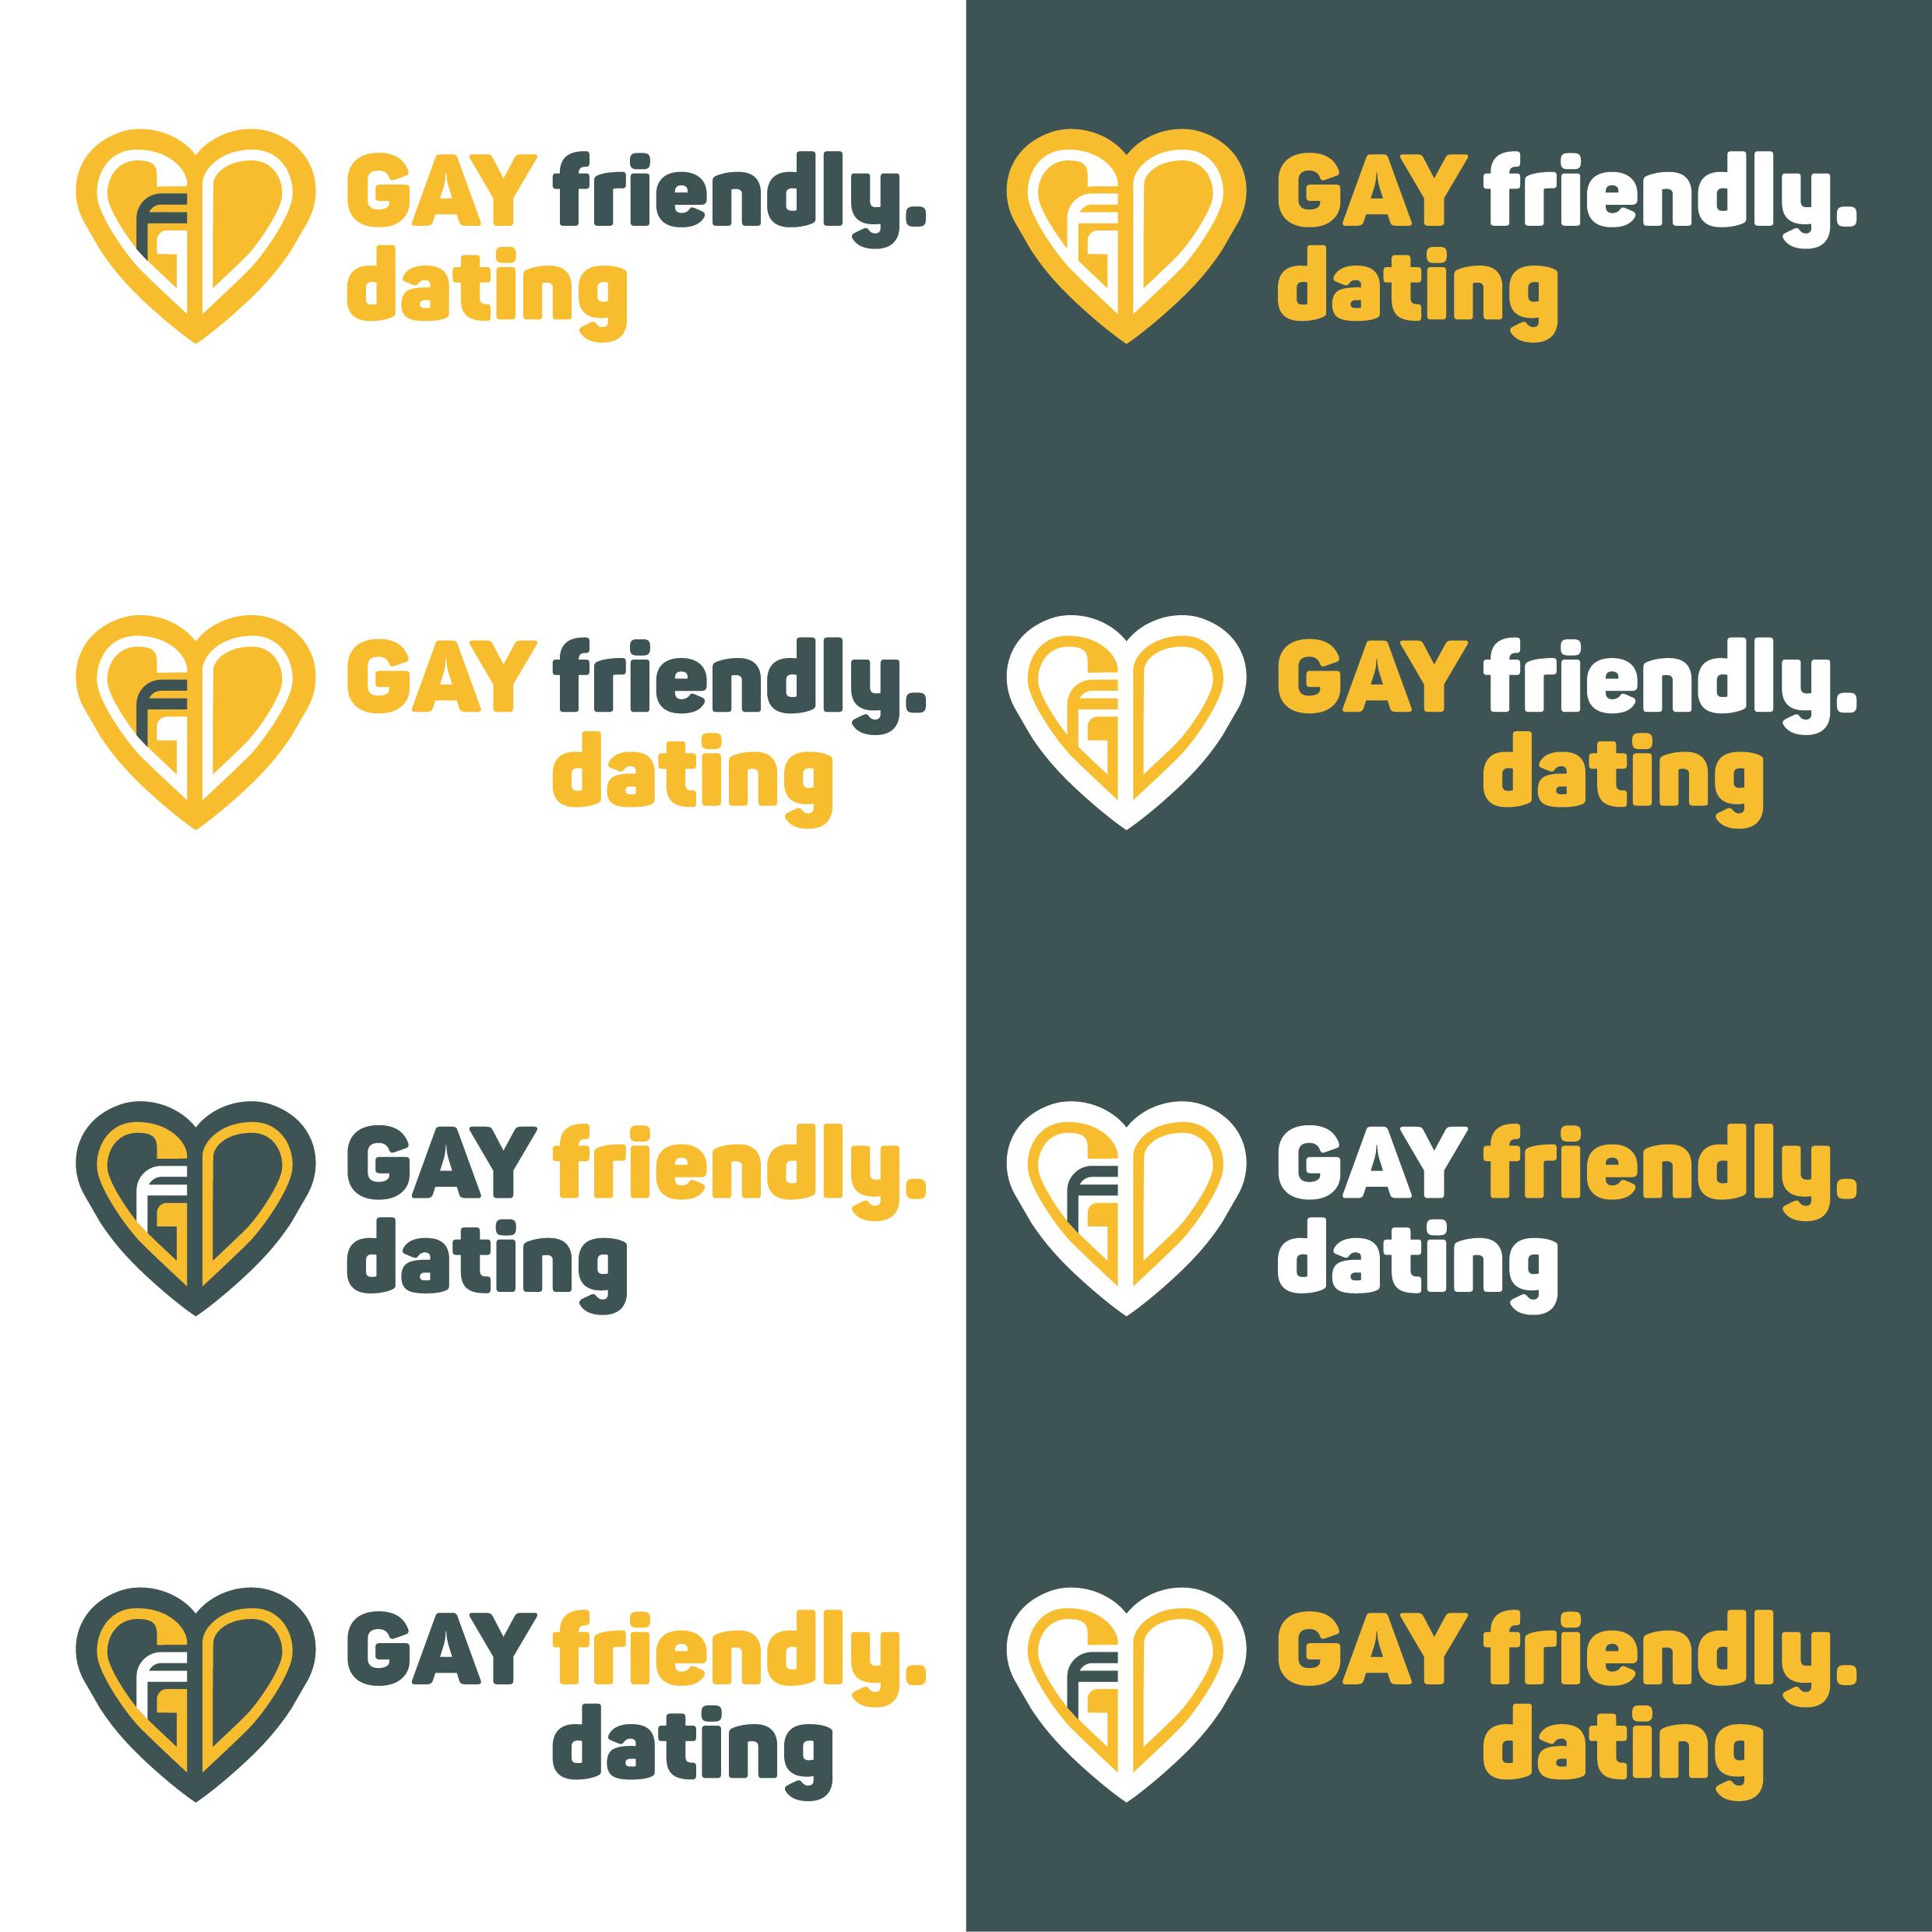 Разработать логотип для англоязычн. сайта знакомств для геев фото f_7695b476813428df.jpg